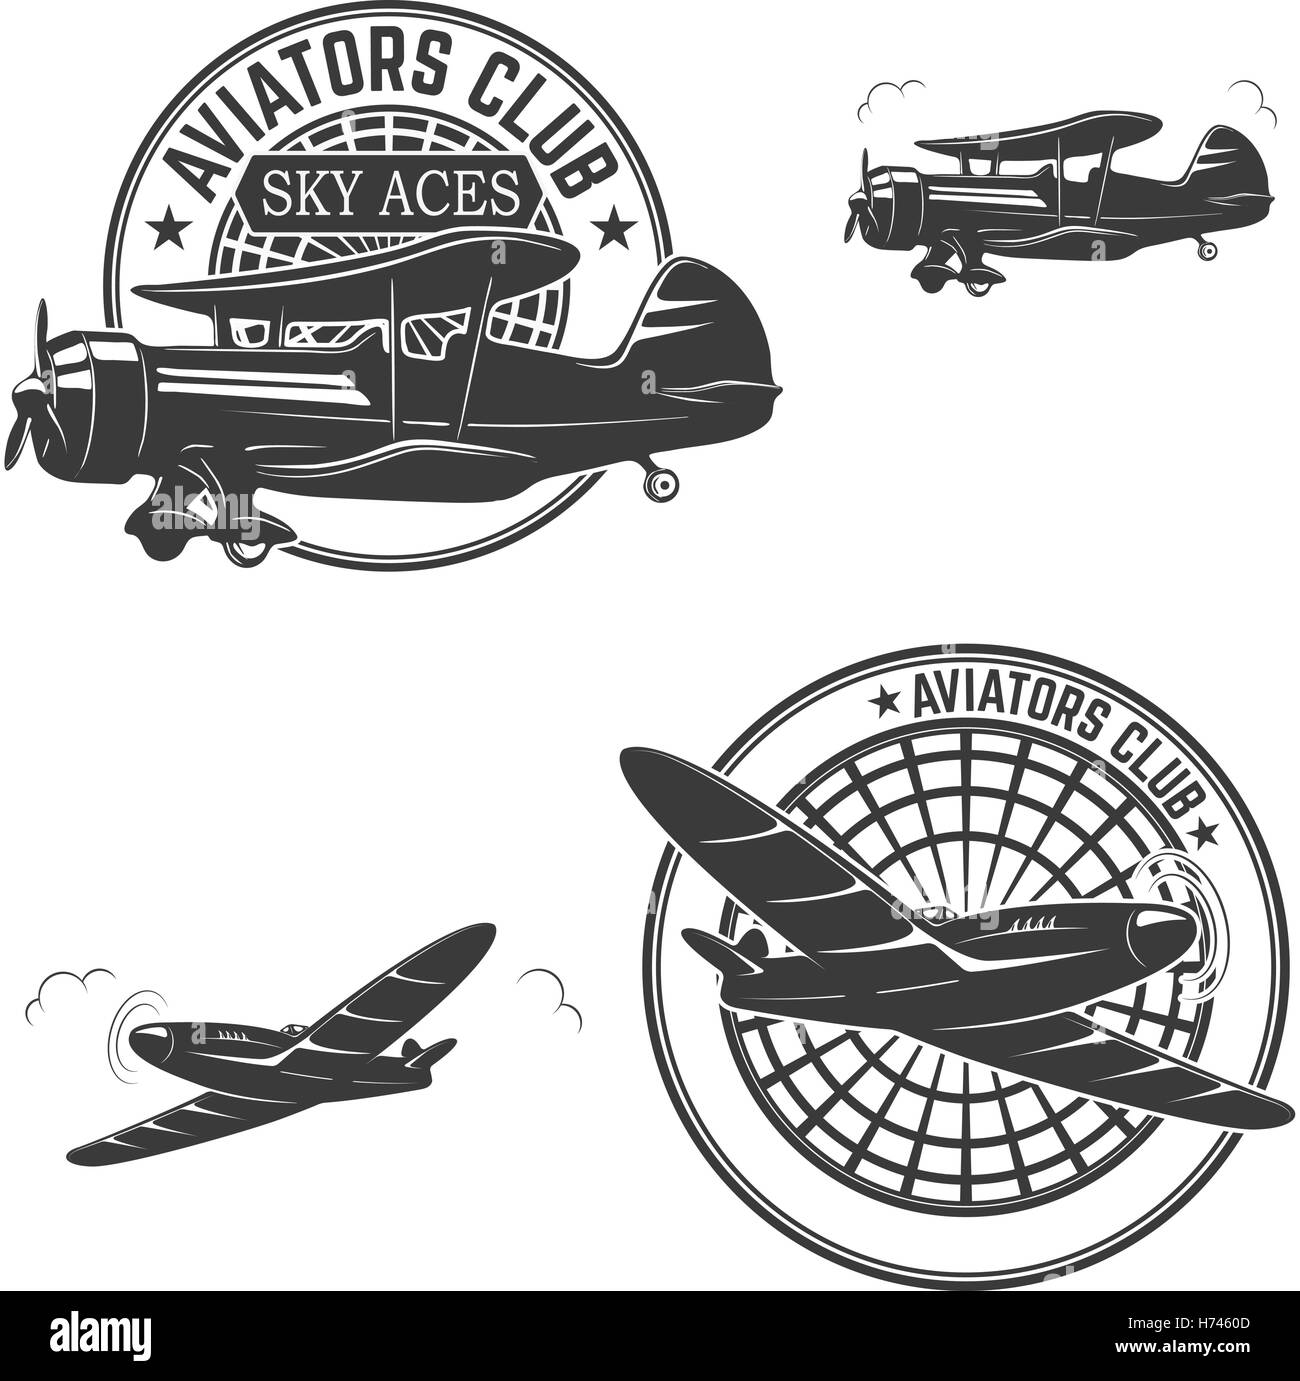 Set of aviators club labels. Retro planes. Design elements for logo, label, emblem, sign, brand mark. Vector illustration. - Stock Image